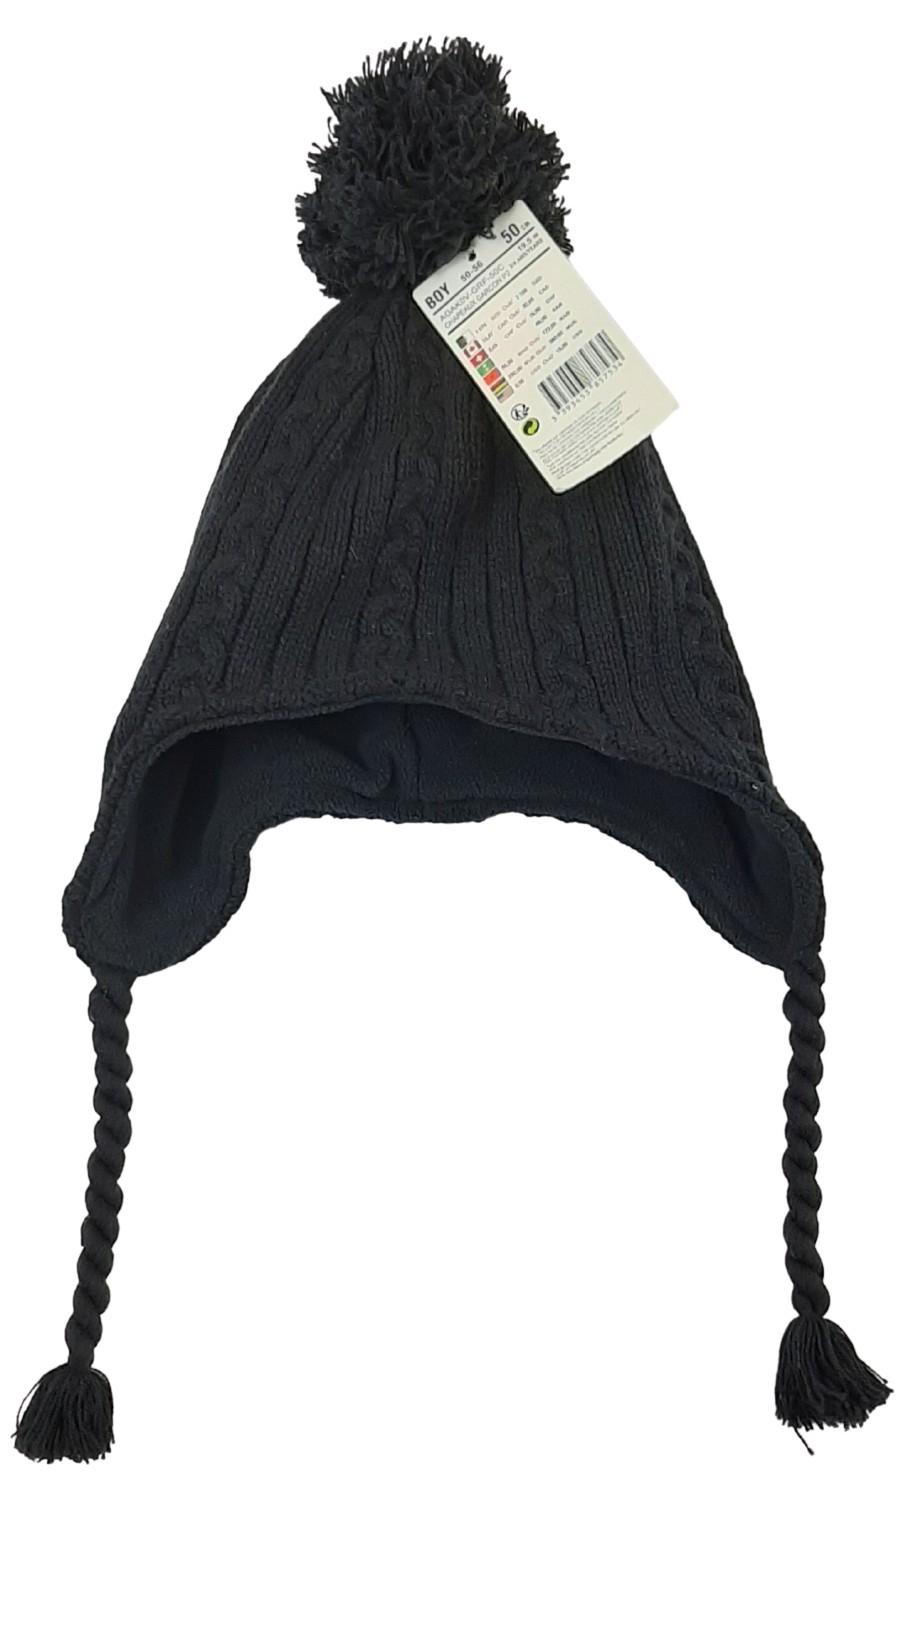 Bonnet/ tuque taille 50 cm 1